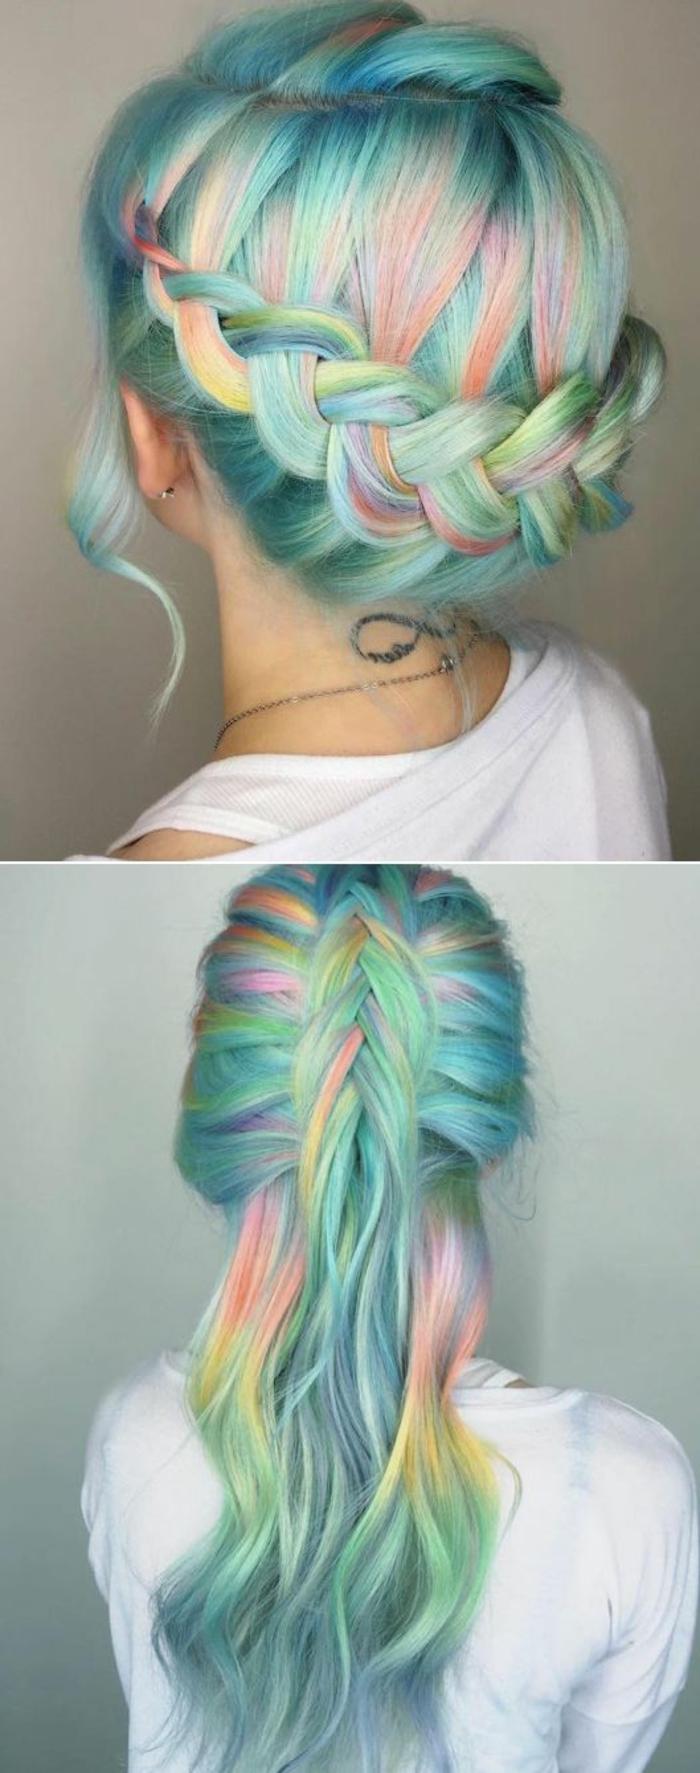 cheveux couleur arc en ciel, deux idées de tresse, couronne de tresse et demi-tresse lachée, idée de coiffure femme extravagante colorée